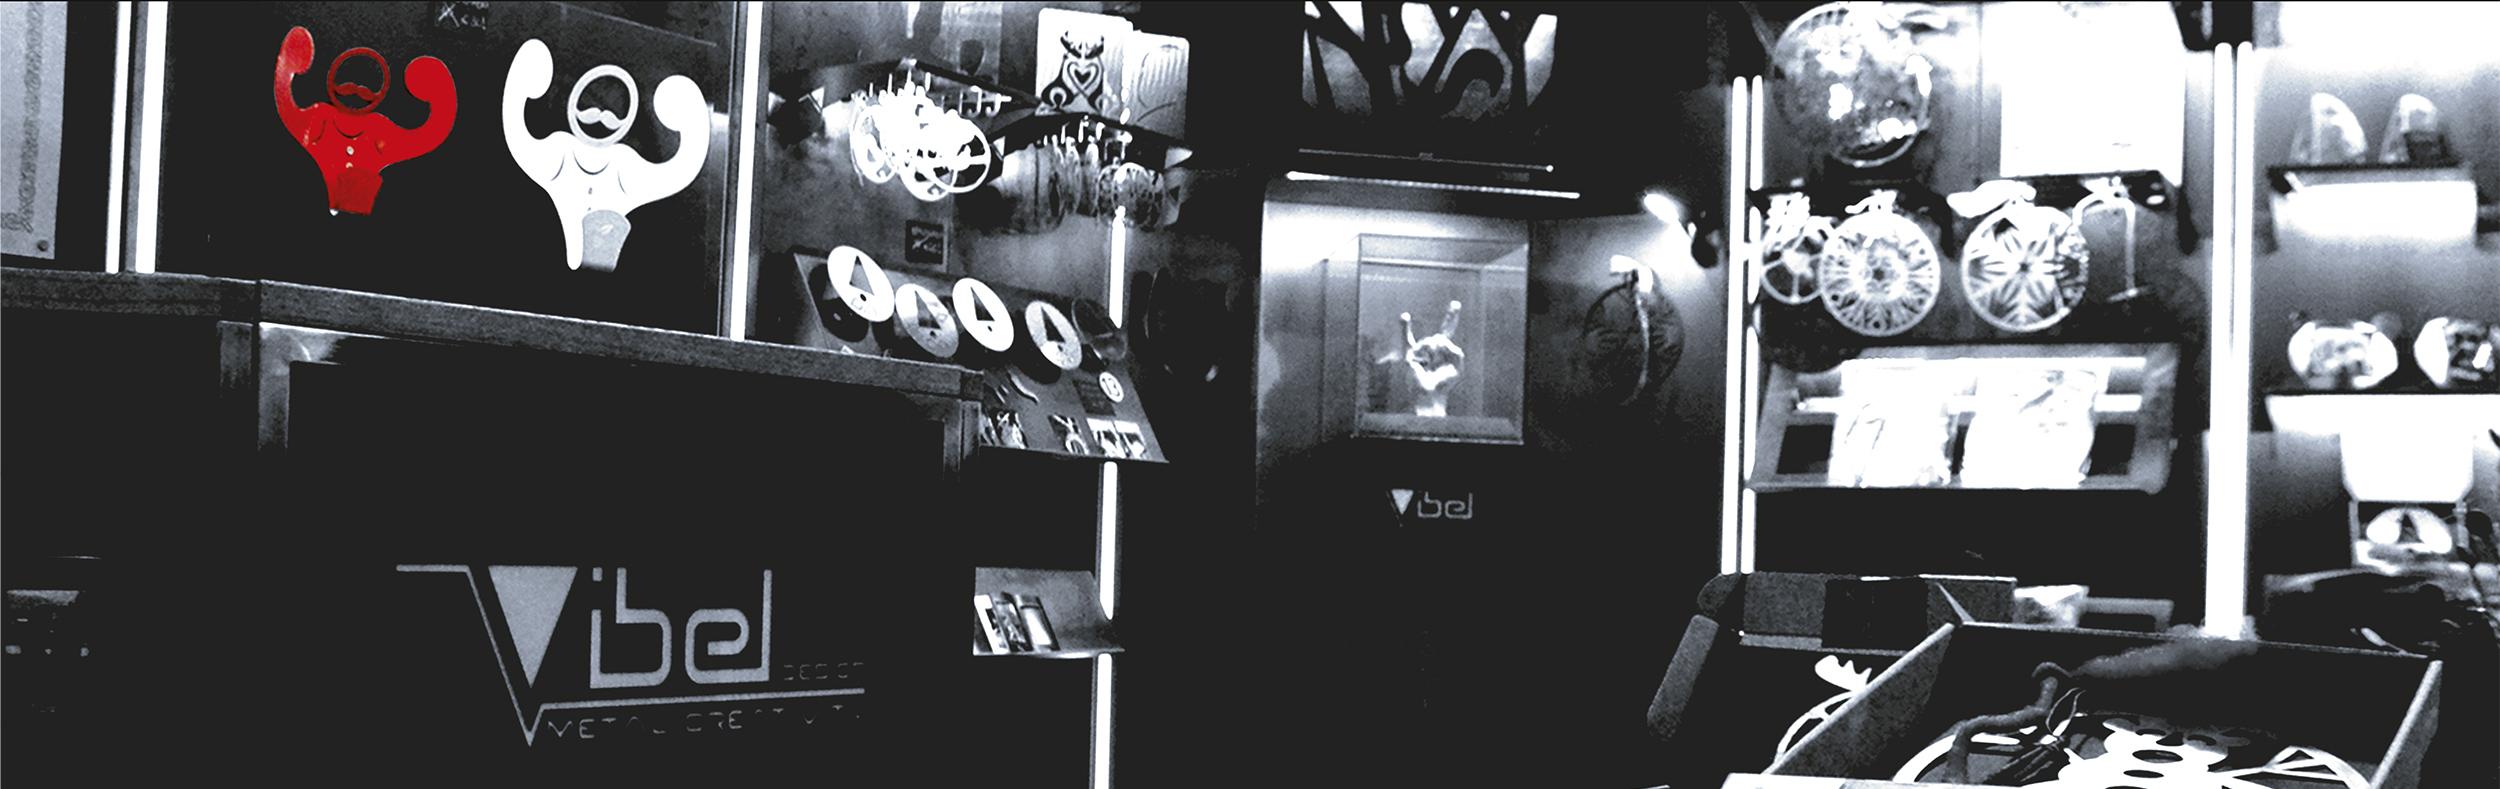 Vibel Design_Artigiani del metallo